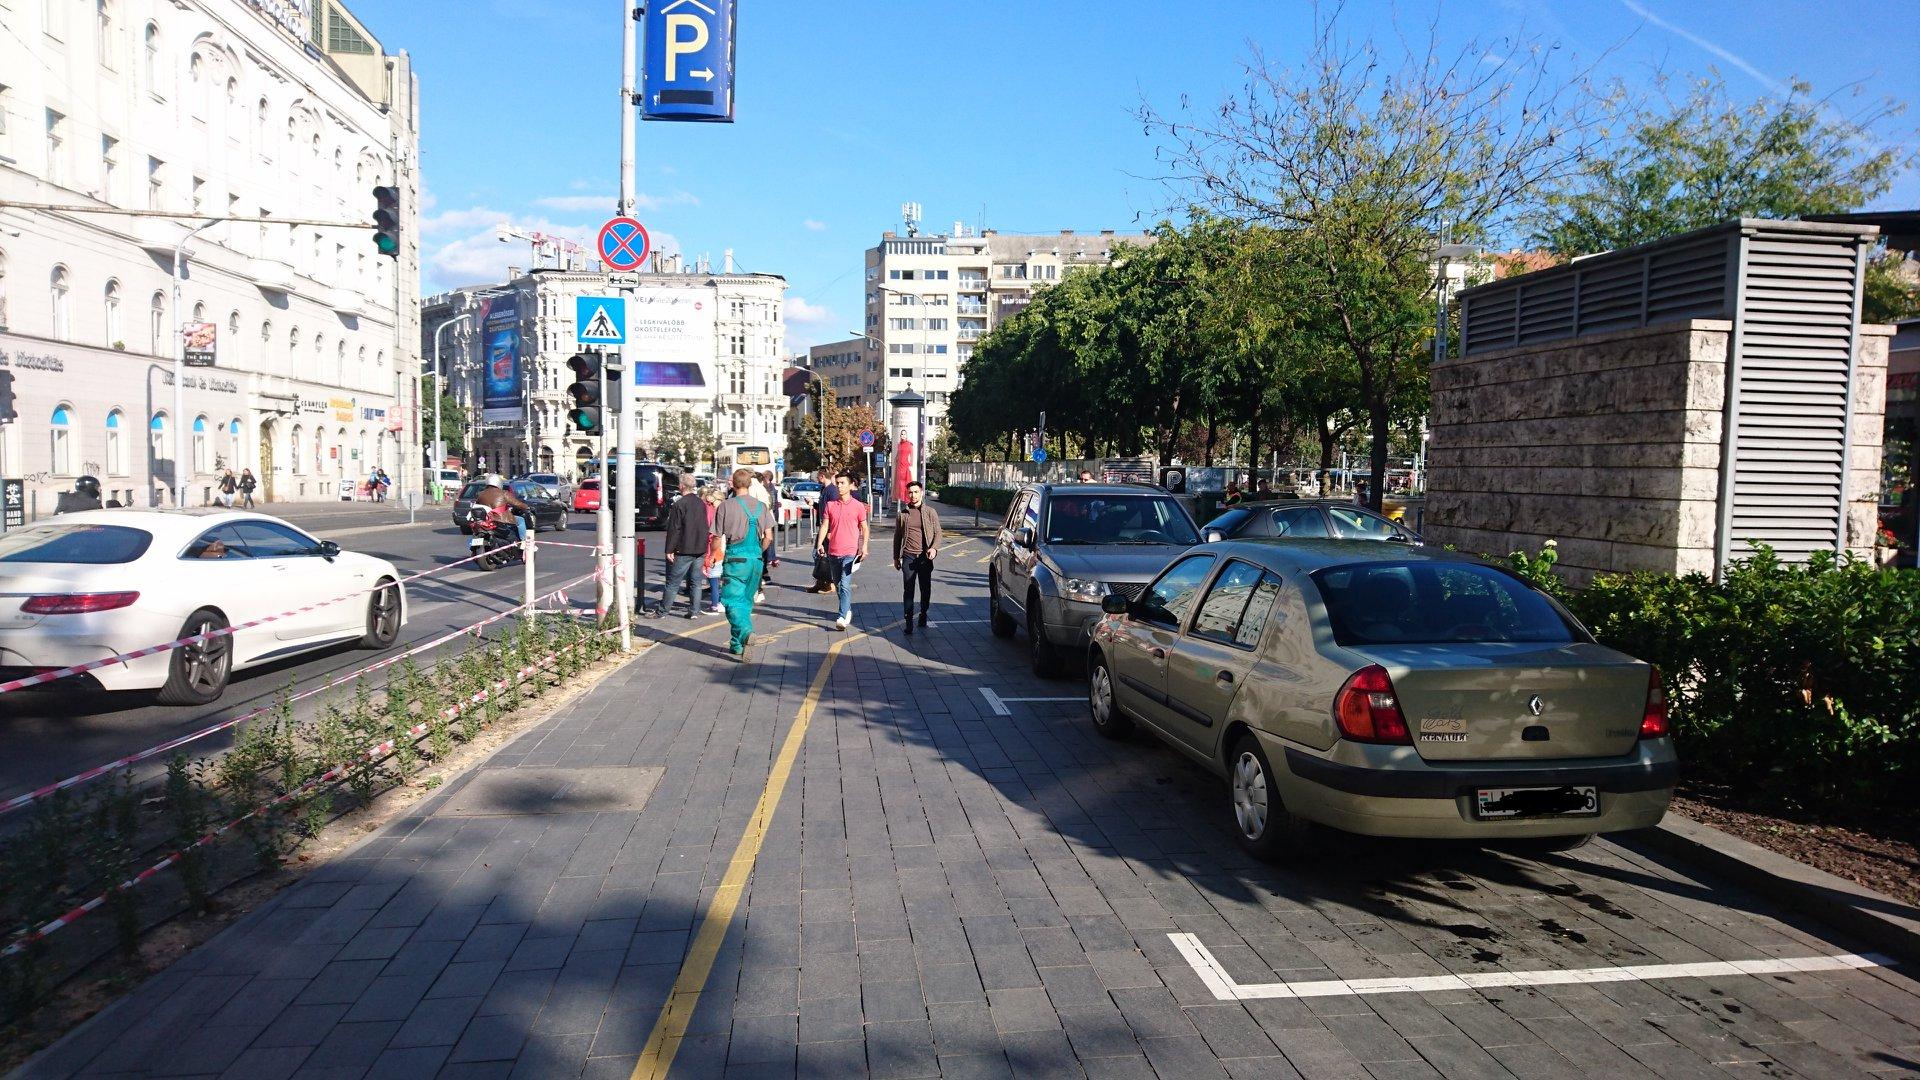 Elvették a járdát a gyalogosoktól, hogy az Erzsébet téri mélygarázs bejáratánál (!) is parkolhasson még négy autó